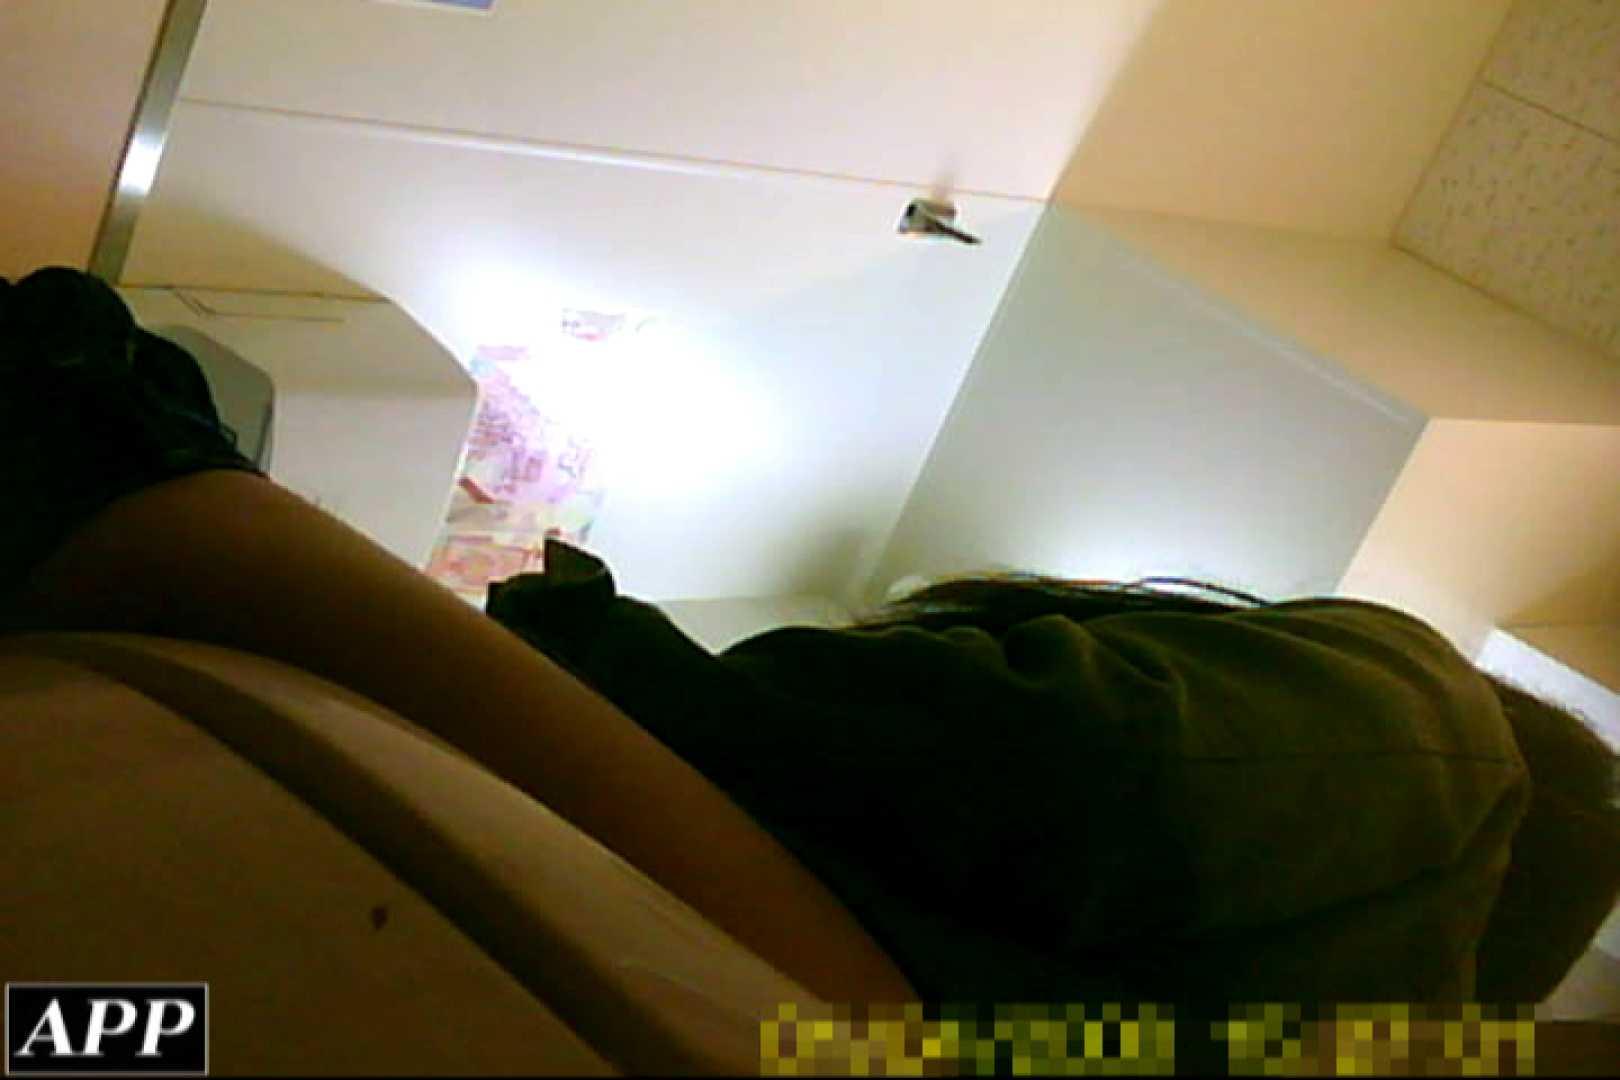 3視点洗面所 vol.03 お姉さん達のオマンコ おまんこ無修正動画無料 68連発 54